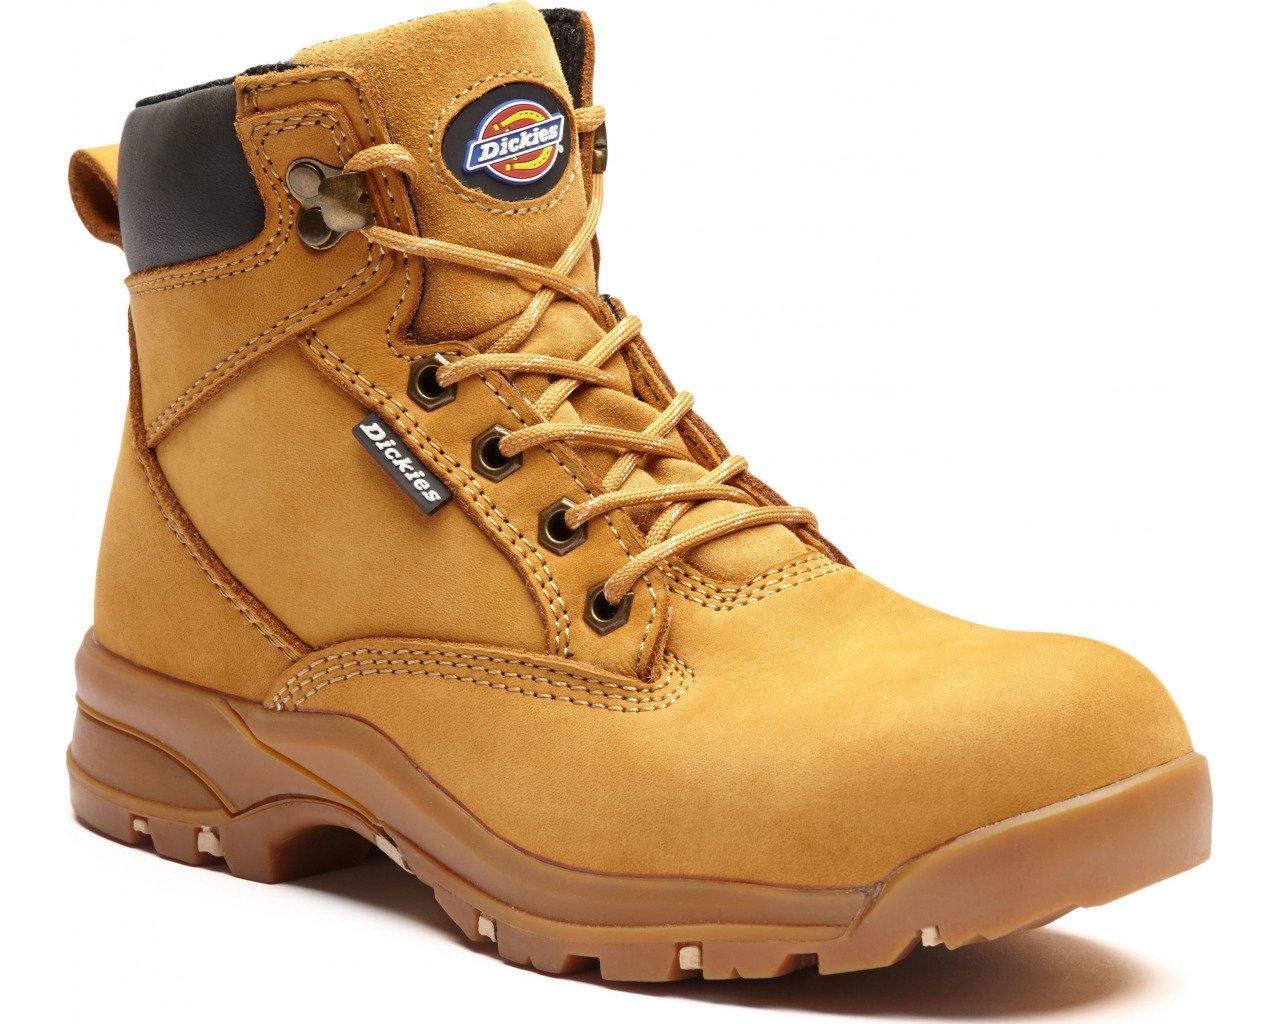 Dickies FC9523-HN-5.5 - Botas de seguridad para mujer (talla 5,5), color miel: Amazon.es: Industria, empresas y ciencia